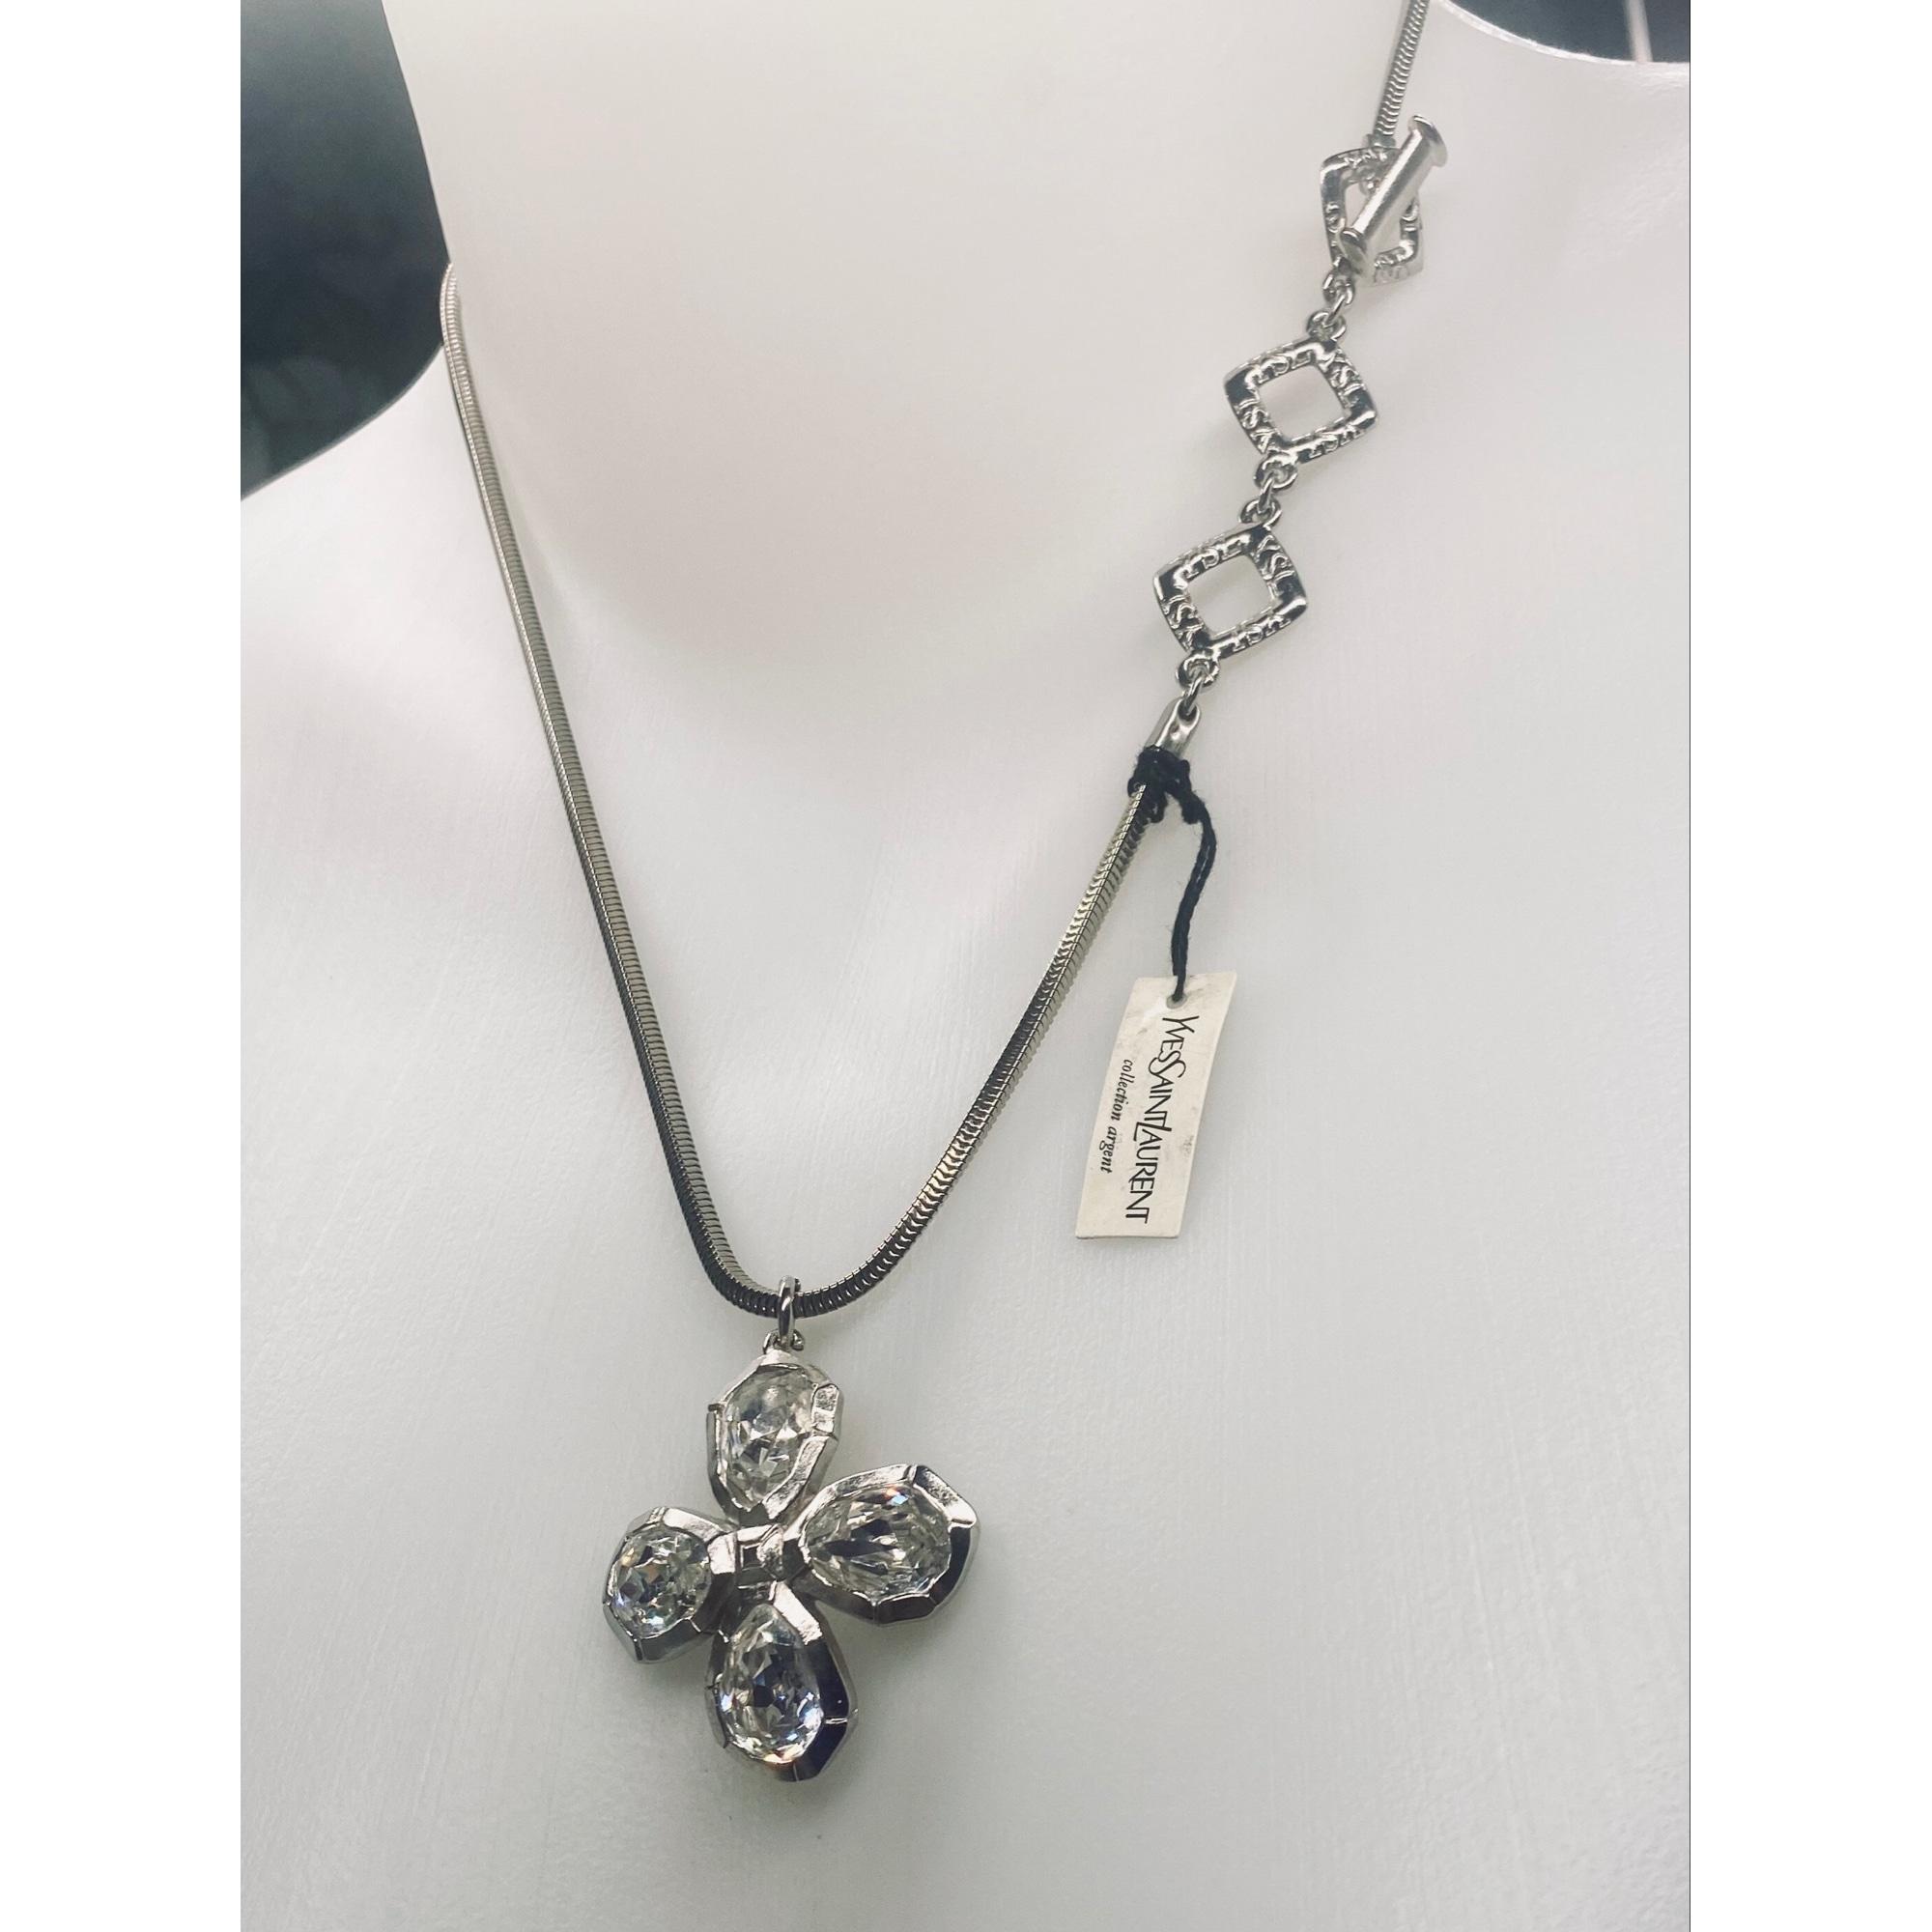 Pendentif, collier pendentif YVES SAINT LAURENT Argenté, acier